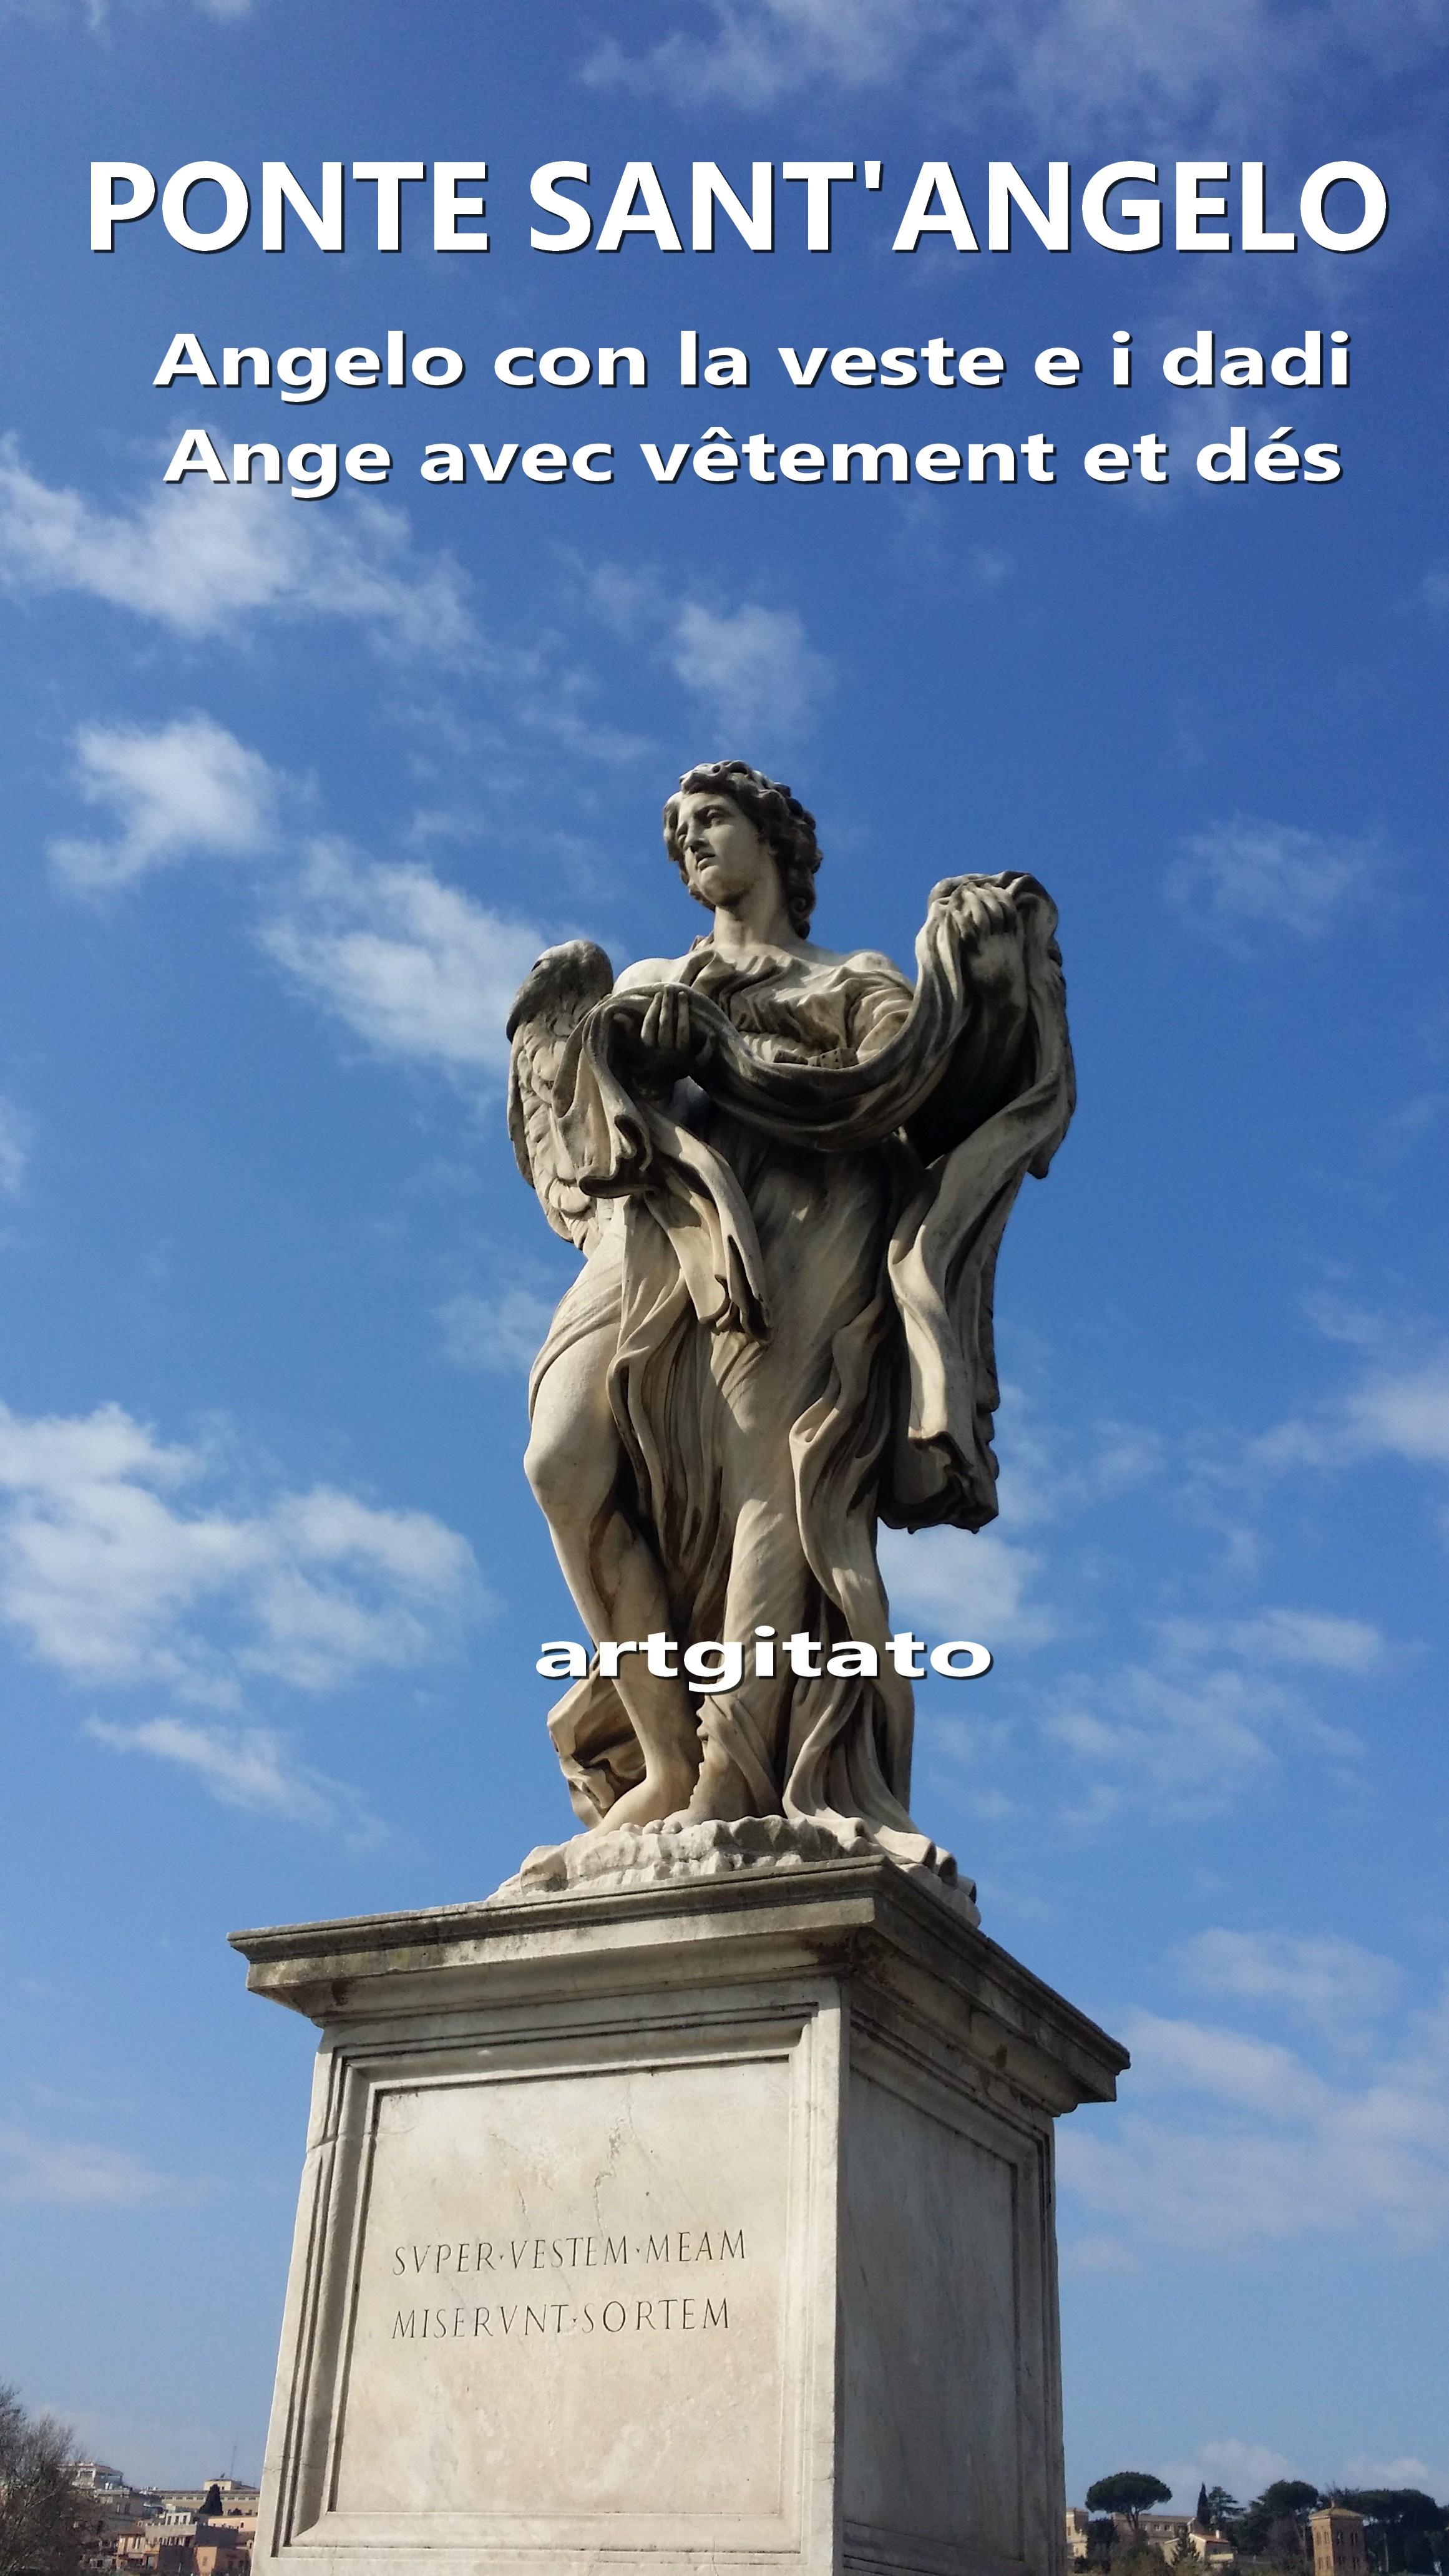 Ponte Sant'Angelo Pont Saint Ange artgitato Rome Roma Angelo con la veste e i dadi 2